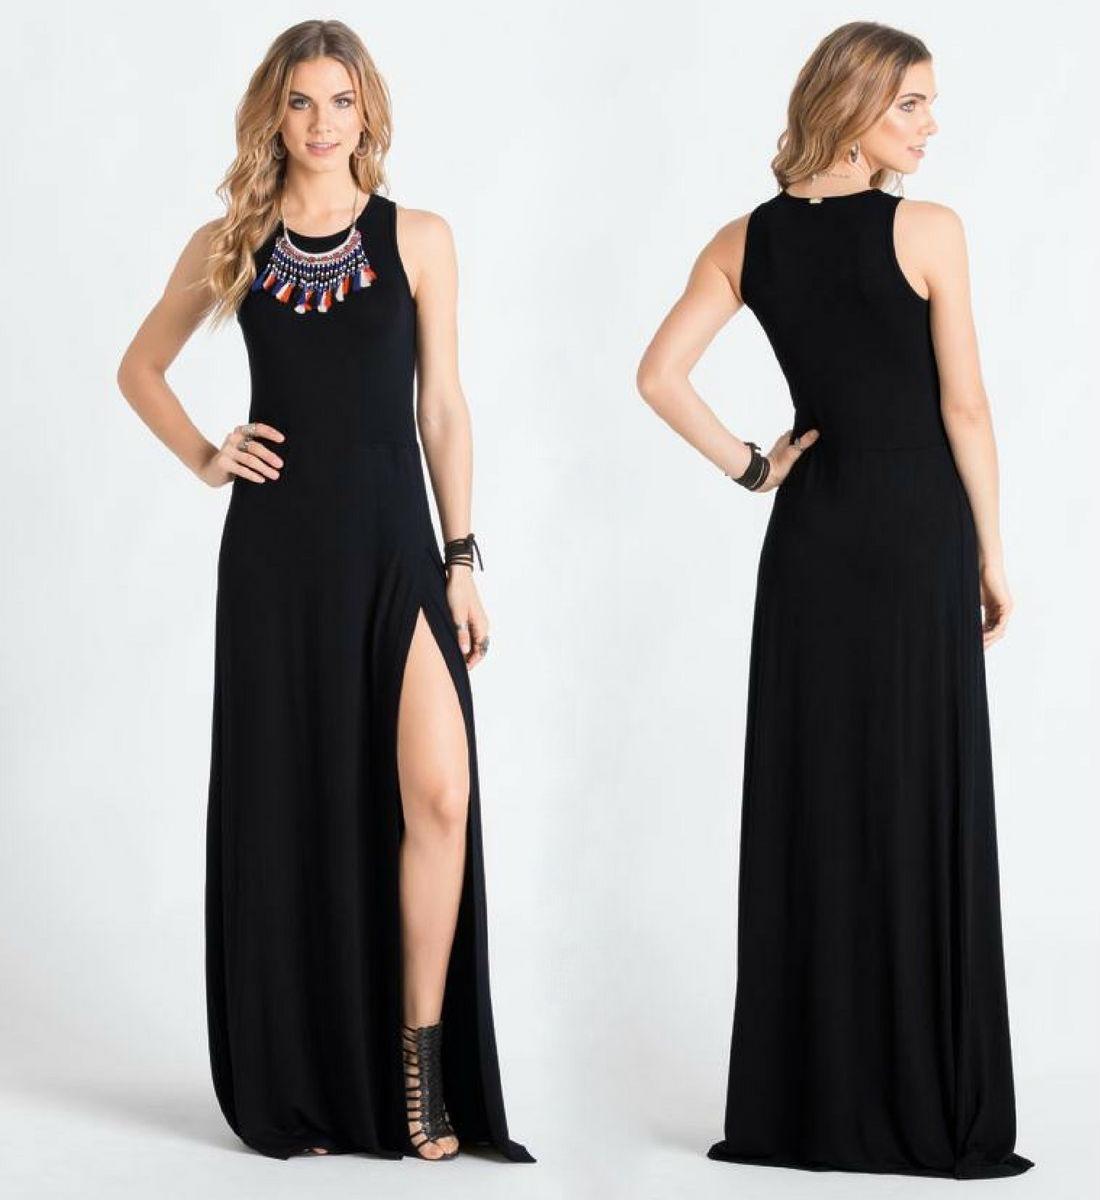 d4b422a6a6f0 vestido de festa moda evangélica plus size longo preto lindo. Carregando  zoom.